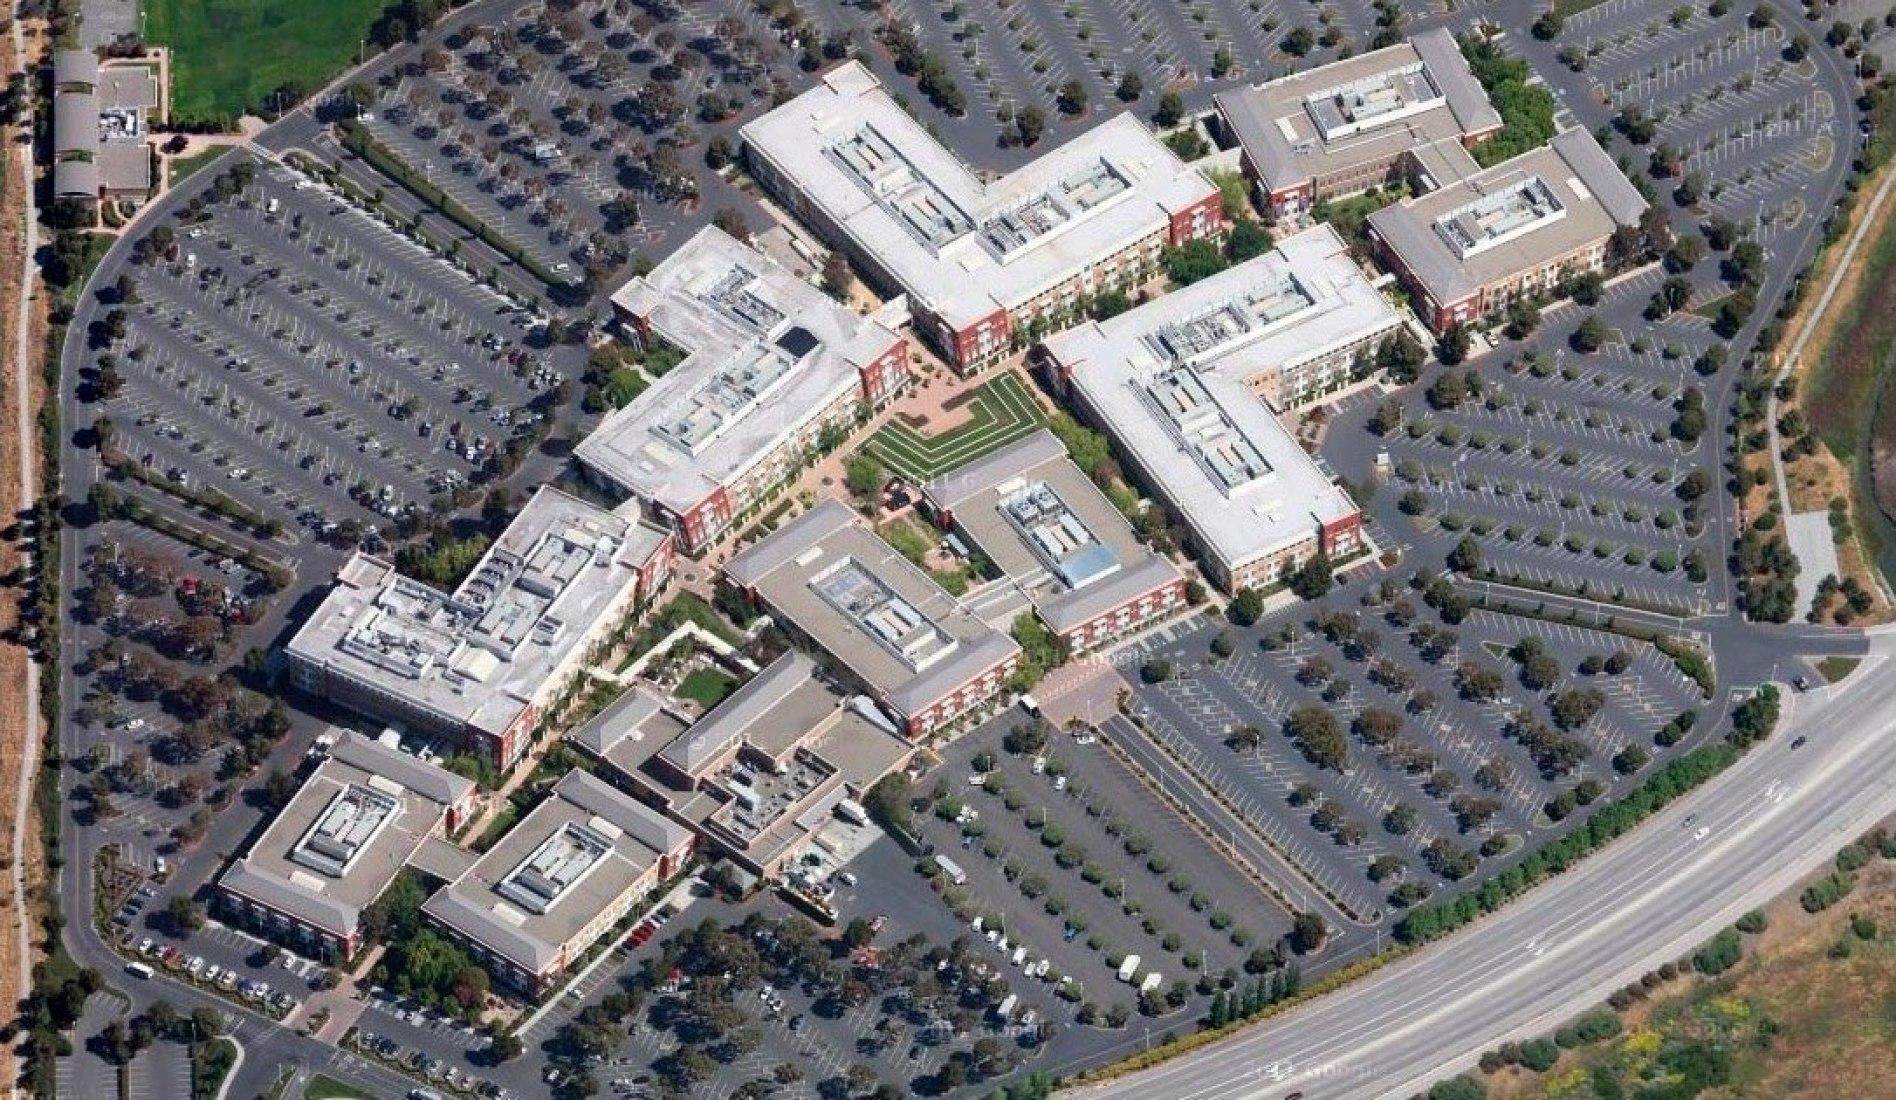 Vista aérea de la actual sede de Facebook en Menlo Park y sus inmensas playas de aparcamientos.